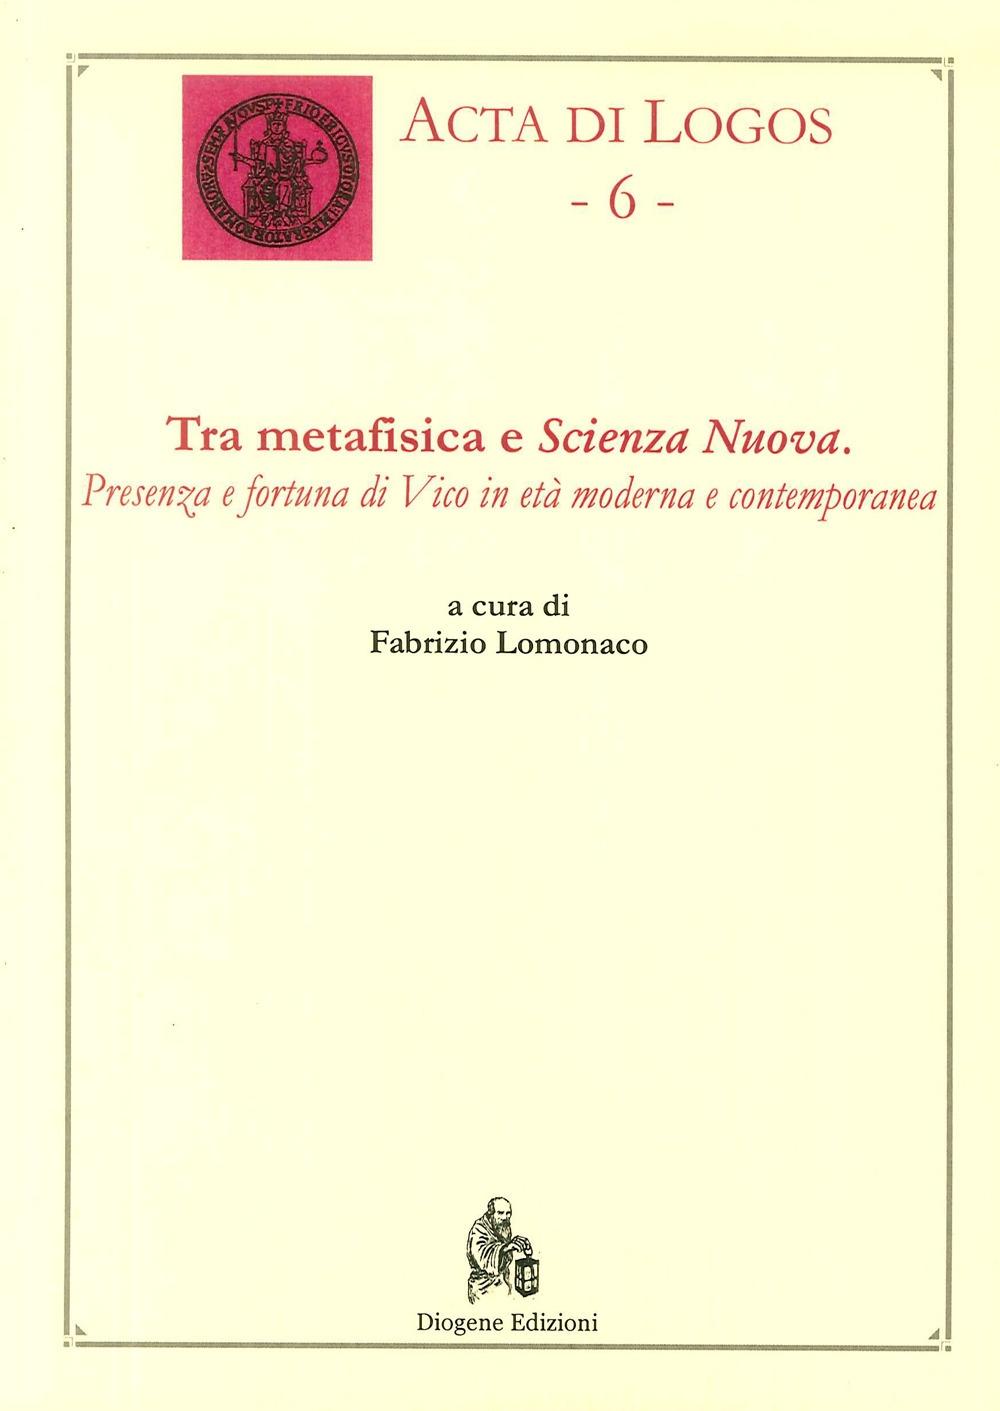 Tra metafisica e scienza nuova. Presenza e fortuna di vico in età moderna contemporanea